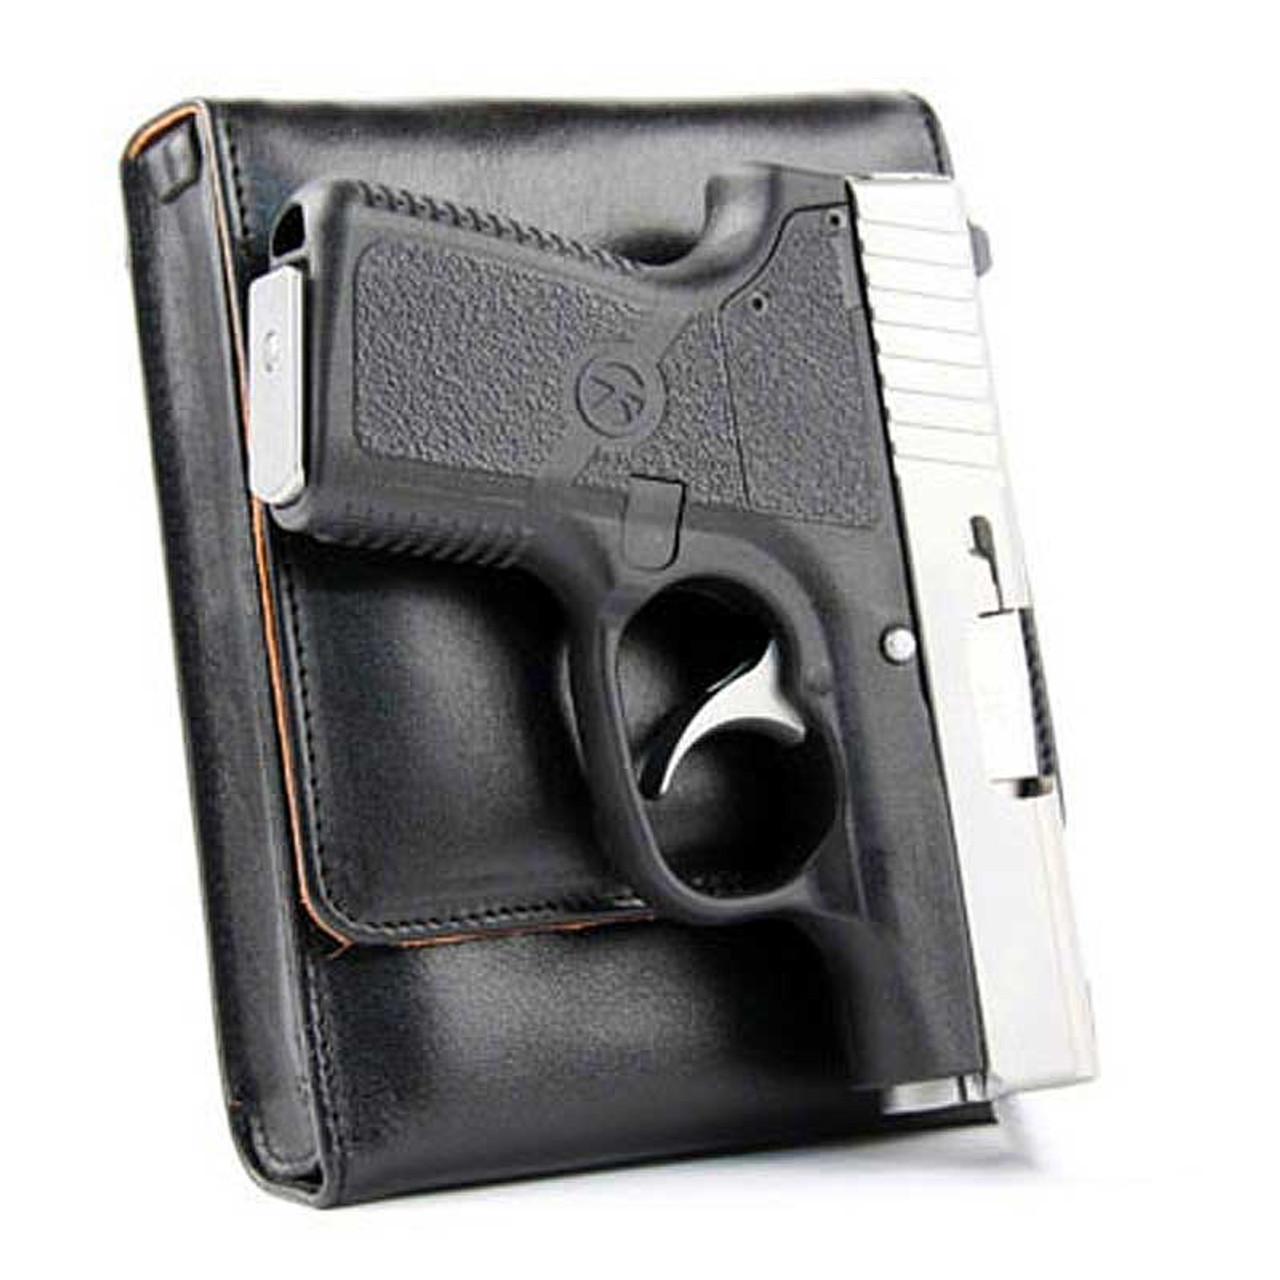 Kahr K9 Concealed Carry Holster (Belt Loop)